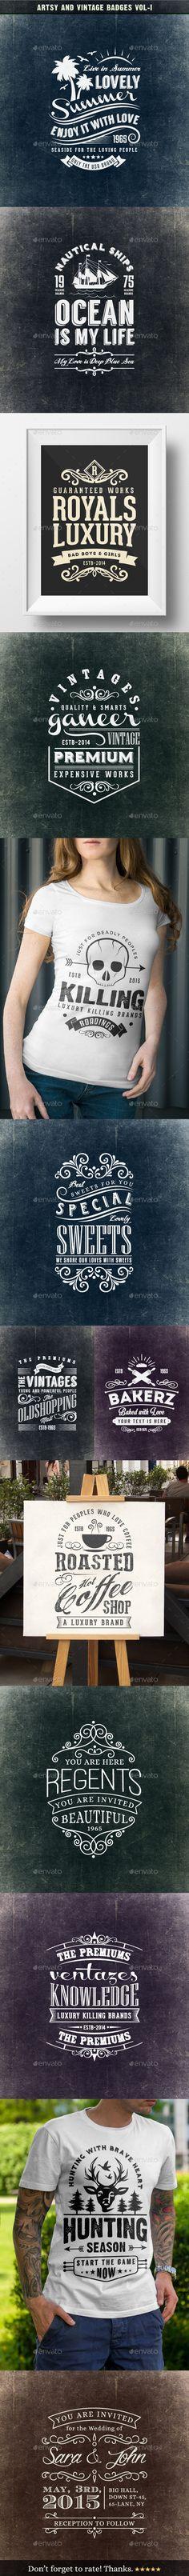 Artsy and Vintage Badges #design #badges Download: http://graphicriver.net/item/artsy-and-vintage-badges-voli/10945826?ref=ksioks